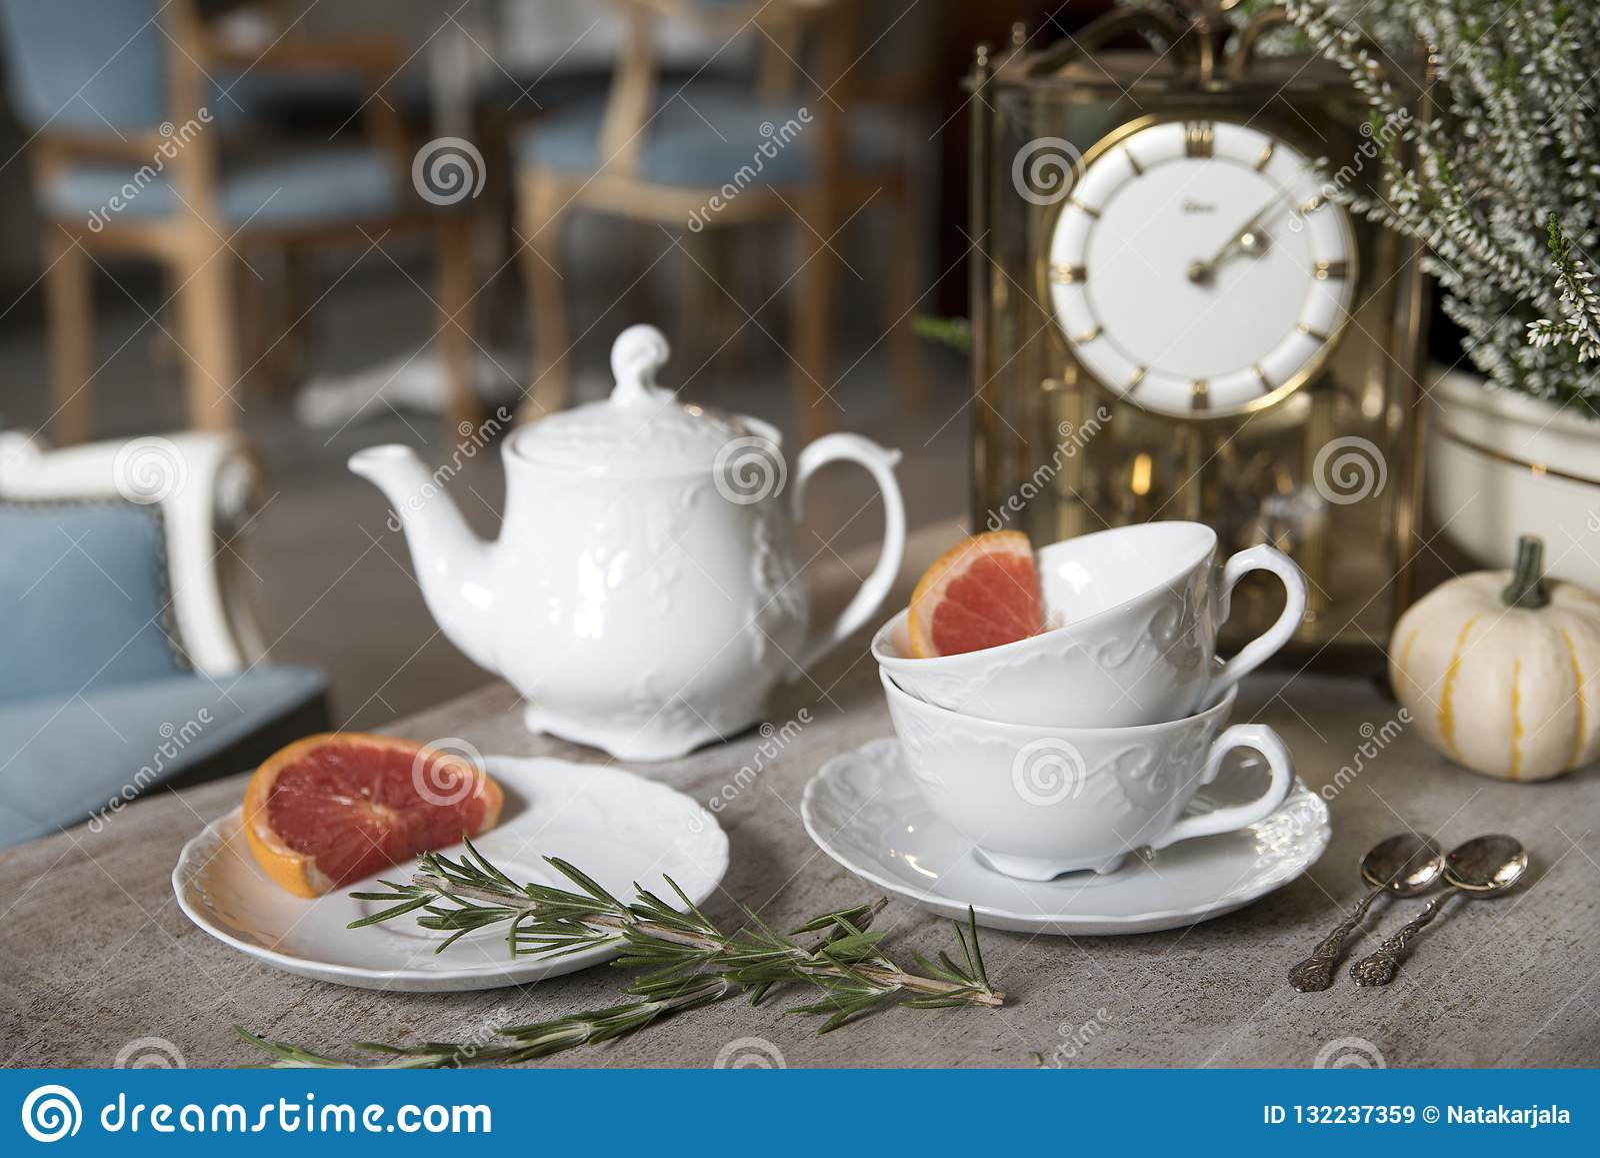 Härlig vit tekanna, koppar och tefat, antik klocka, pumpa, ljung, rosmarin och grapefrukt 1 livstid fortfarande